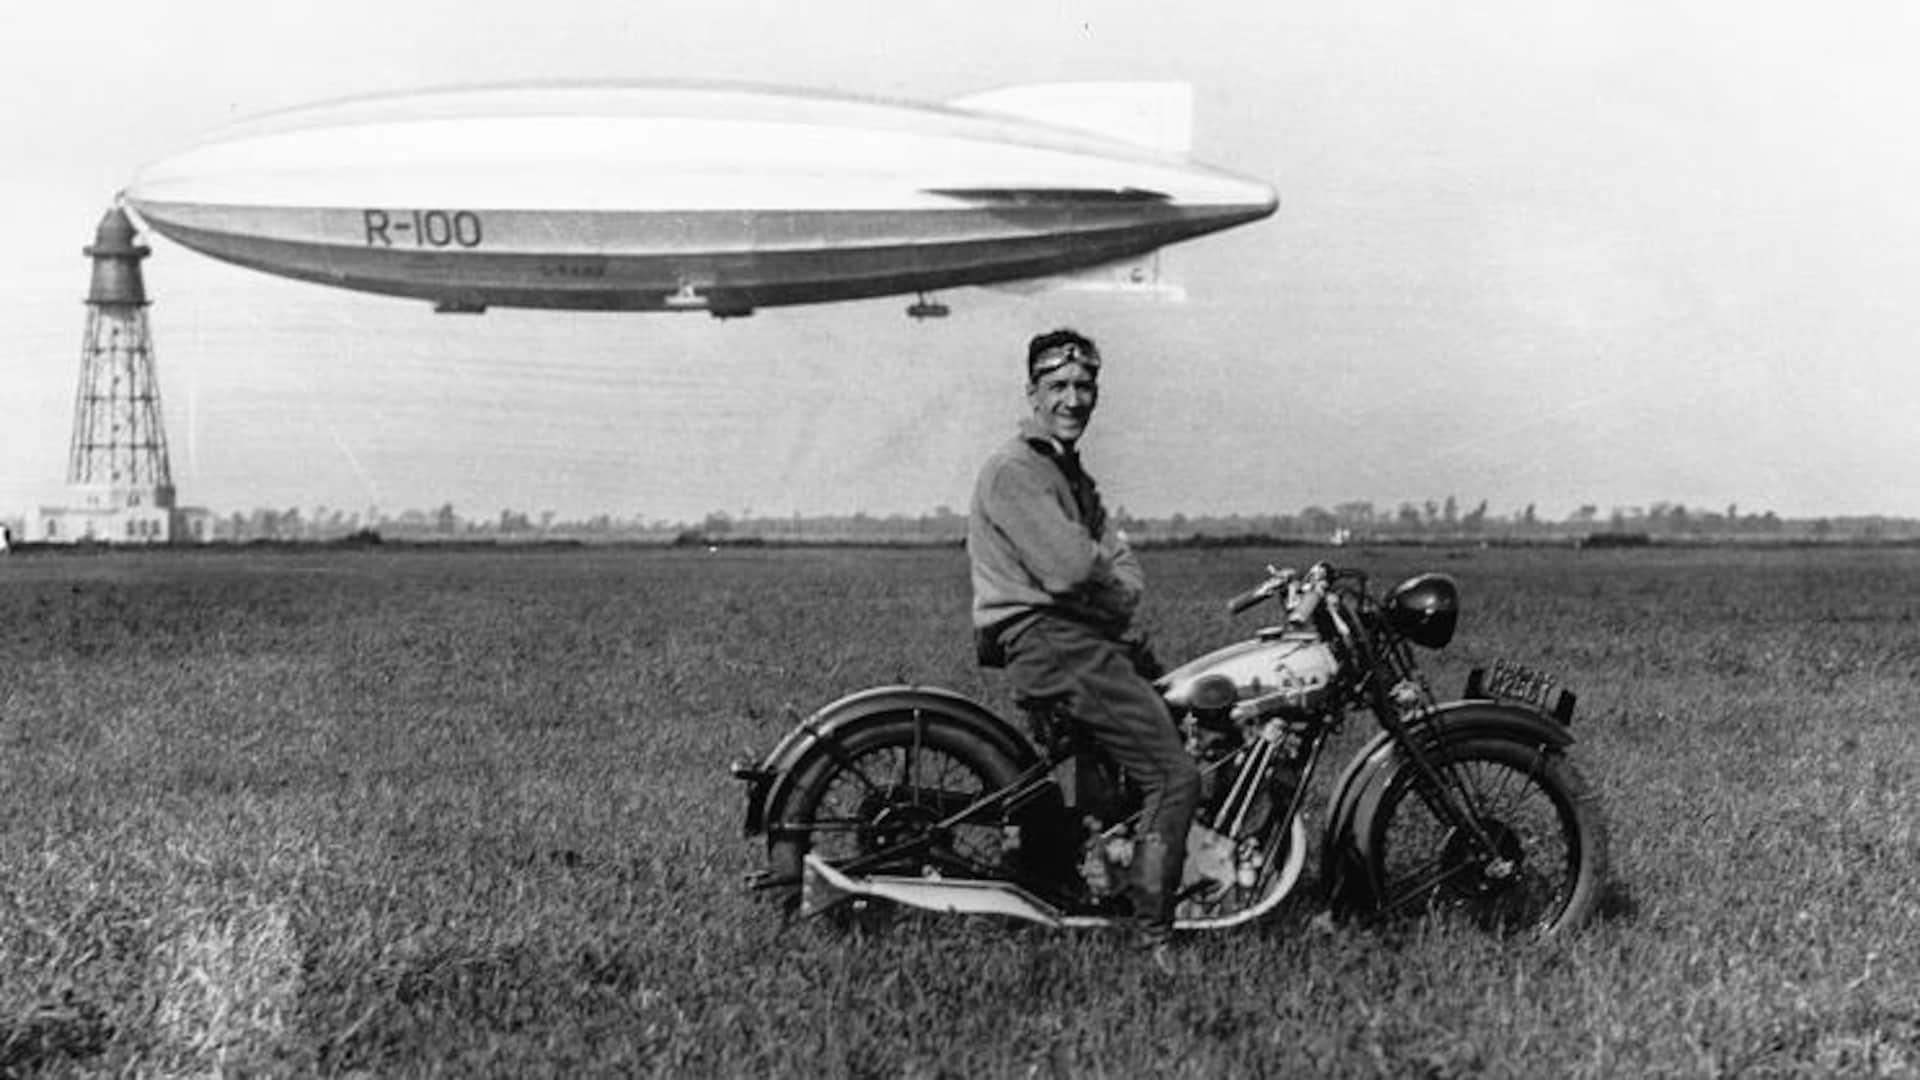 Un homme pose fièrement sur sa moto avec derrière lui le R-100 ancré à son mât.